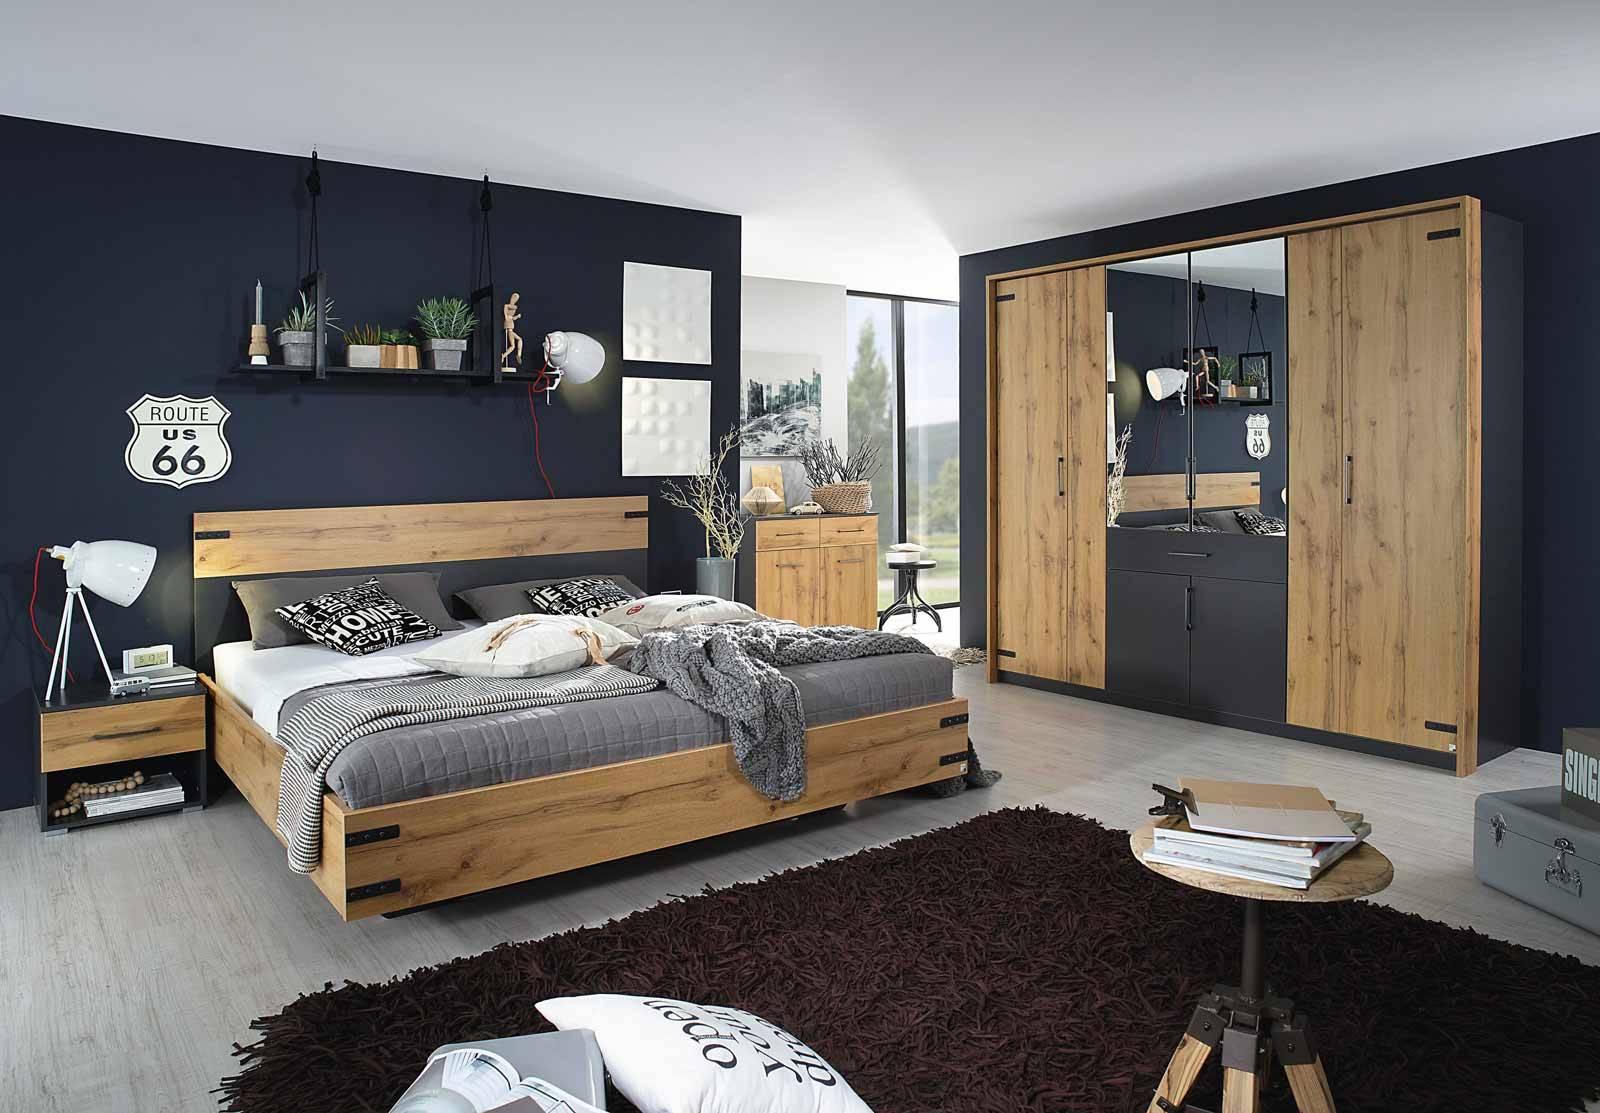 Full Size of Schlafzimmer Komplett Set 4 Teilig Eiche Wotan Gnstig Online Luxus Küche Mit Elektrogeräten Günstig Eckschrank Komplettes Bett Kaufen Komplettangebote Schlafzimmer Komplett Schlafzimmer Günstig